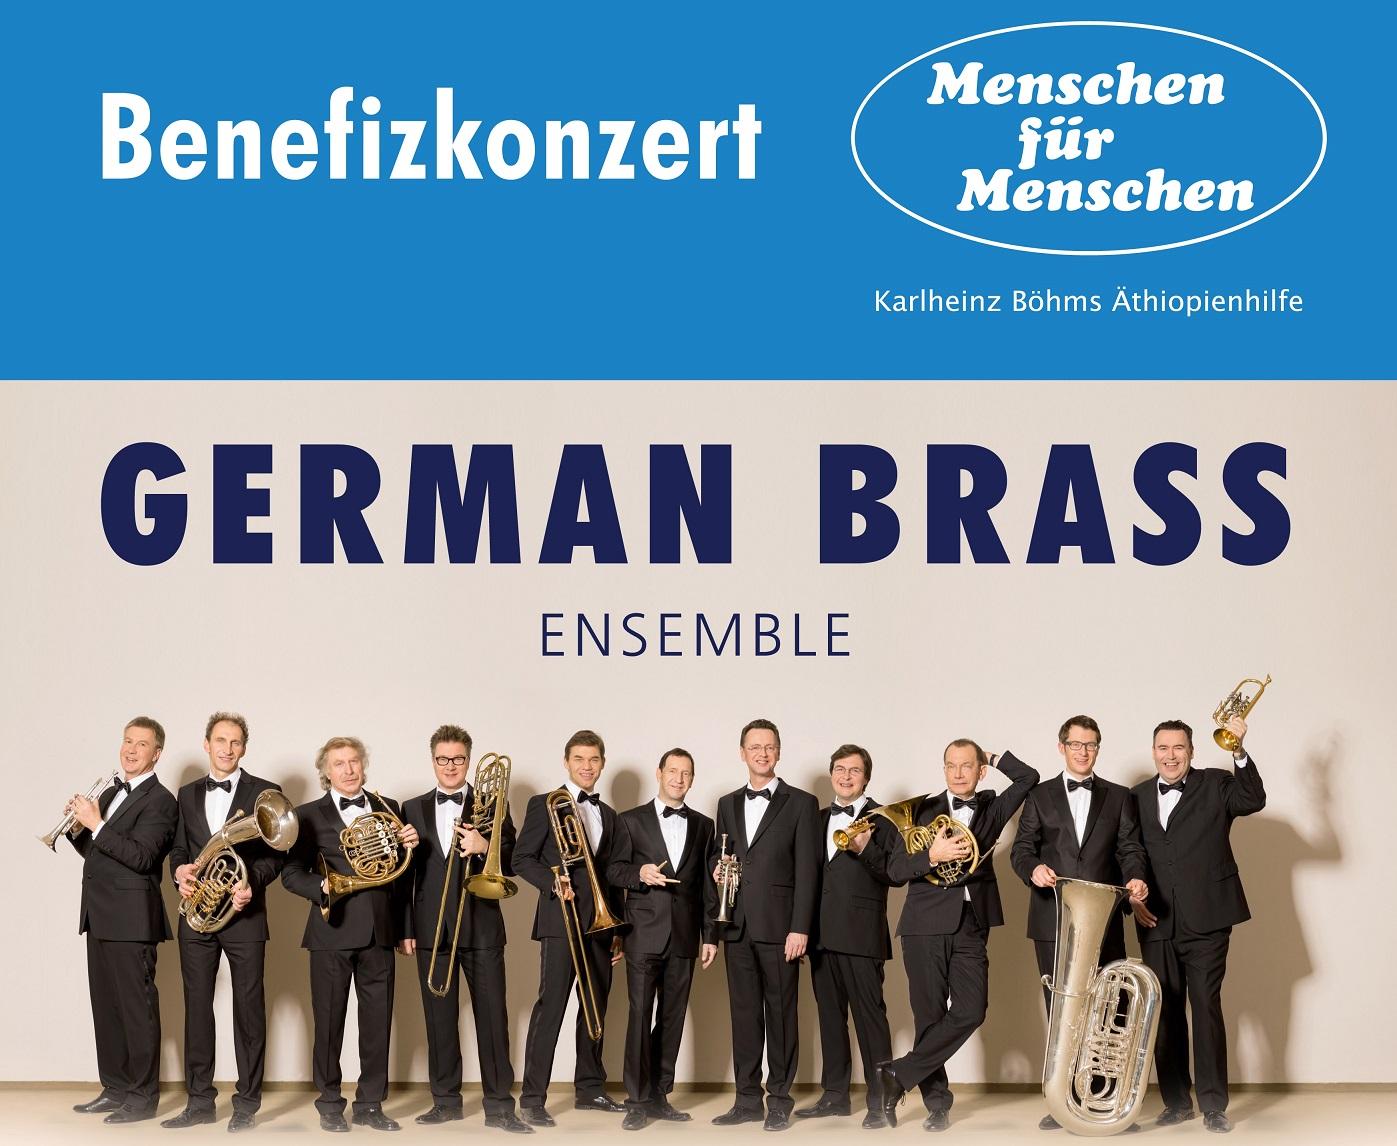 German Brass für Karlheinz Böhms Äthiopienhilfe